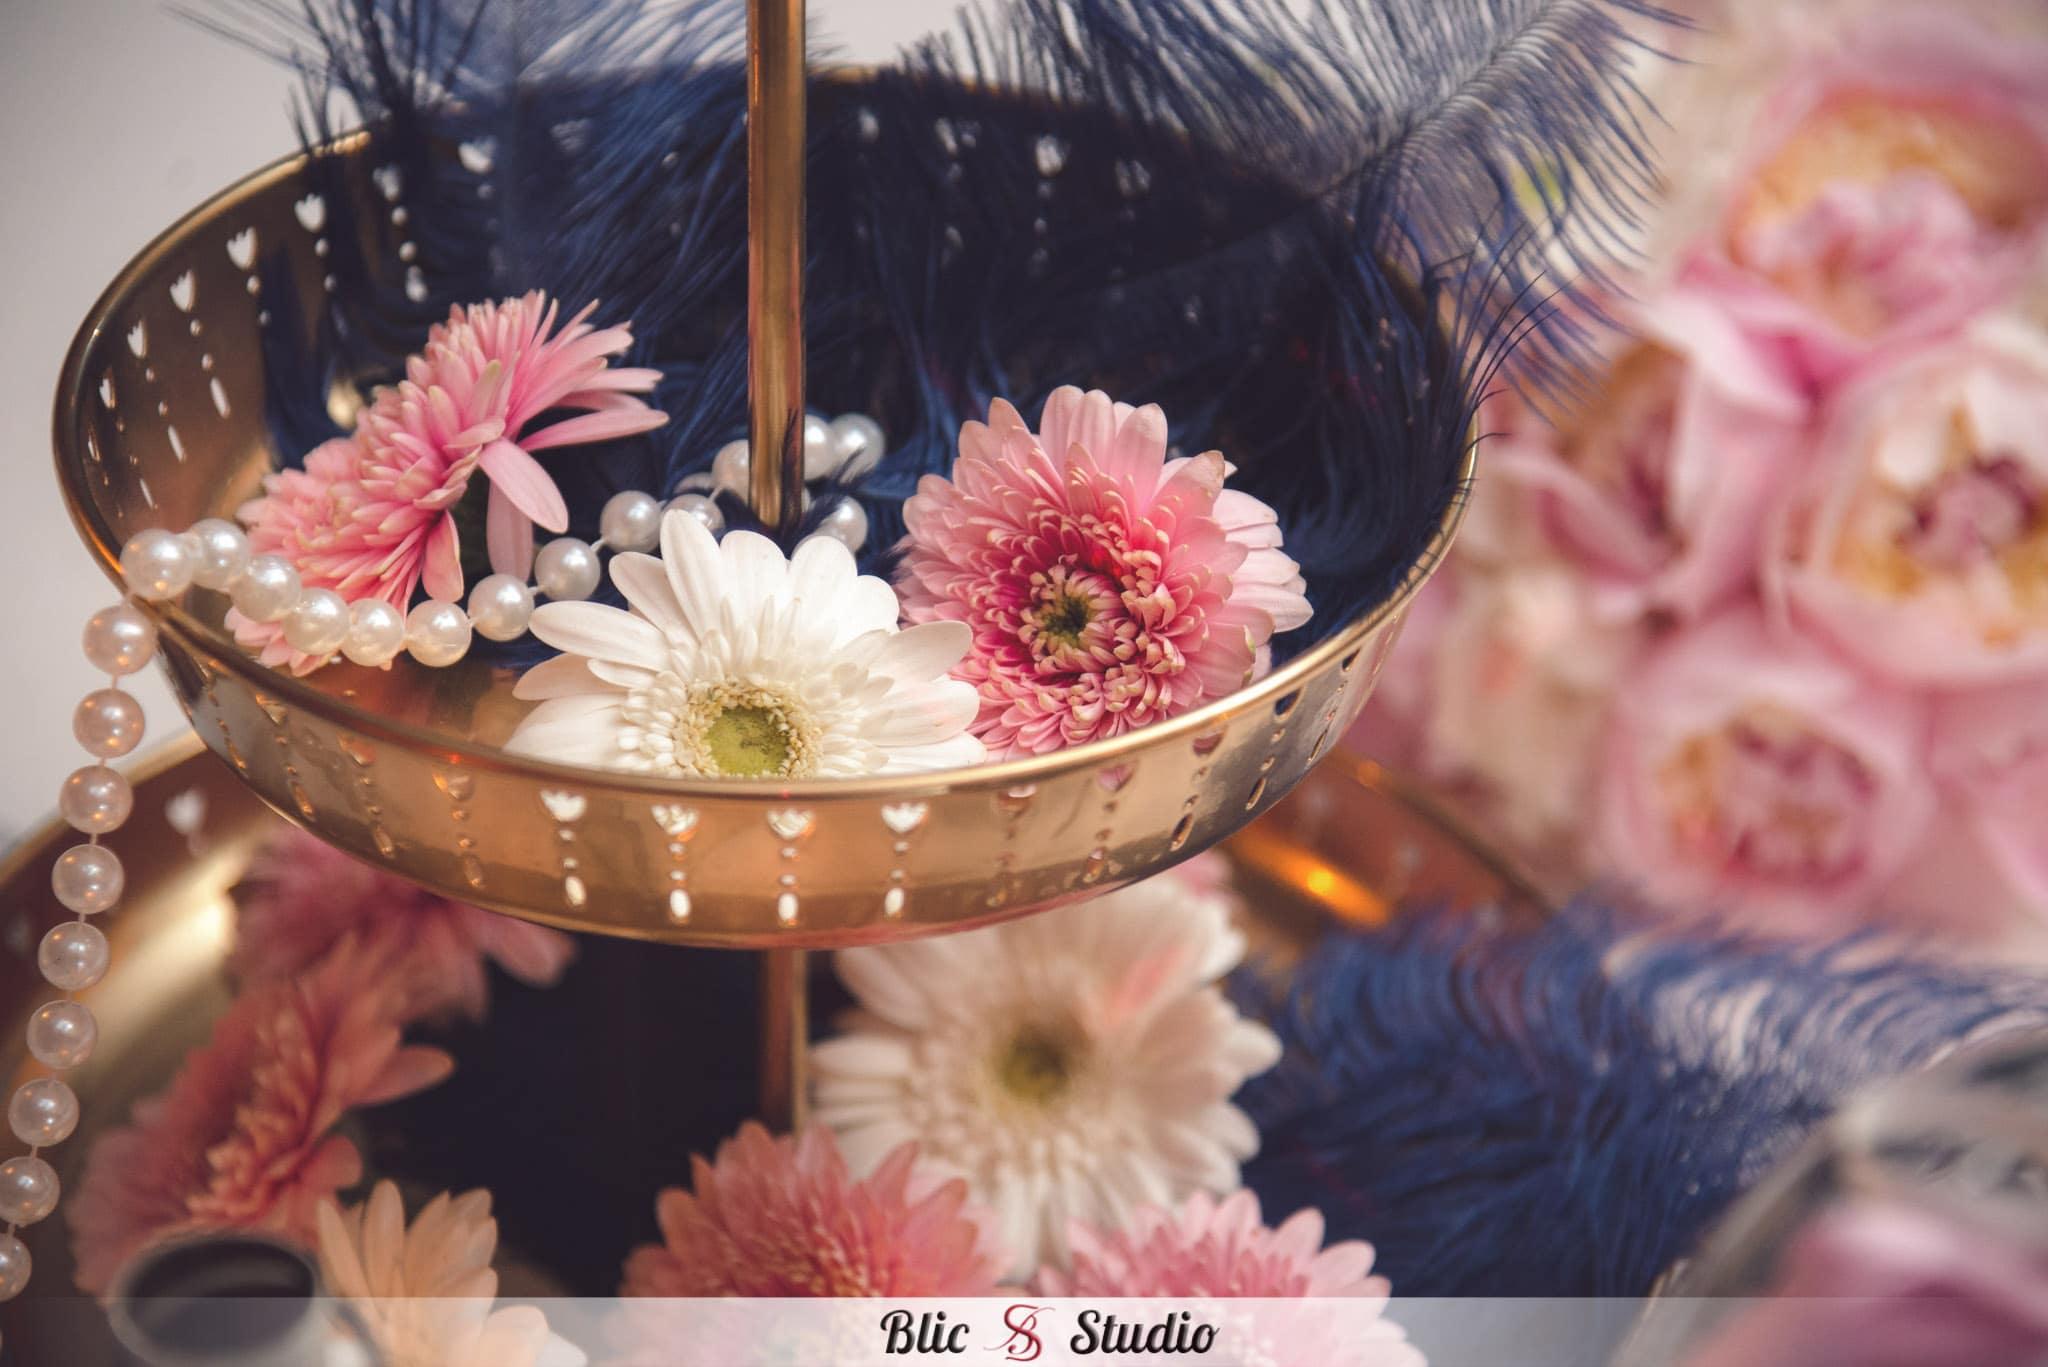 Fotograf_za_vjenčanje_foto_studio_blic_marincel (91)